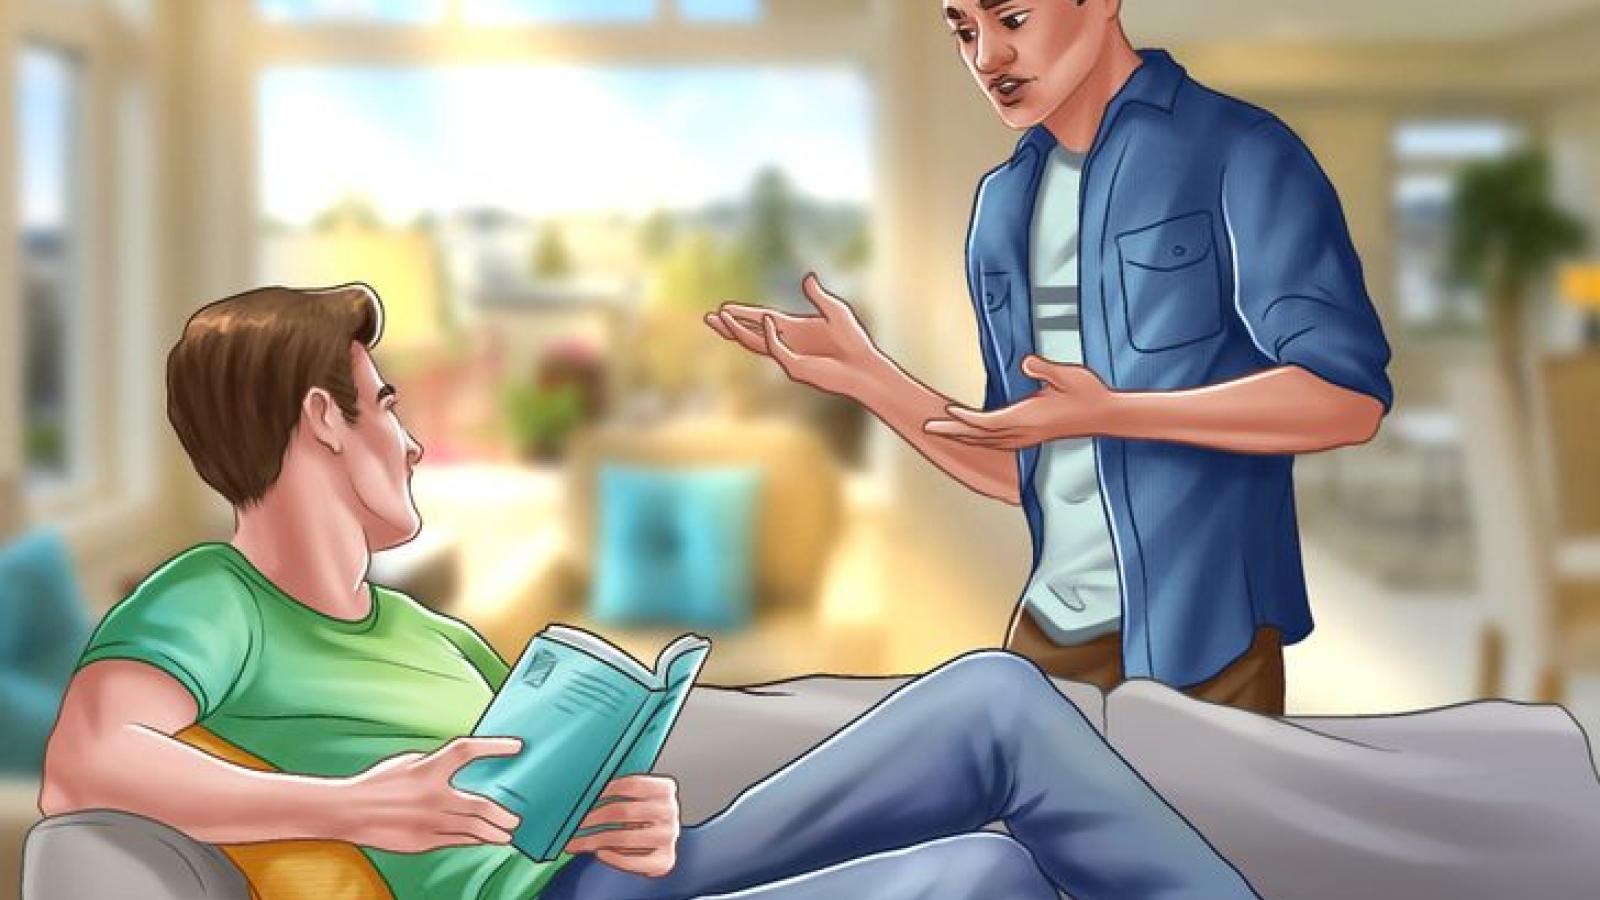 Những câu hỏi nên tránh sử dụng để không làm tổn thương người khác